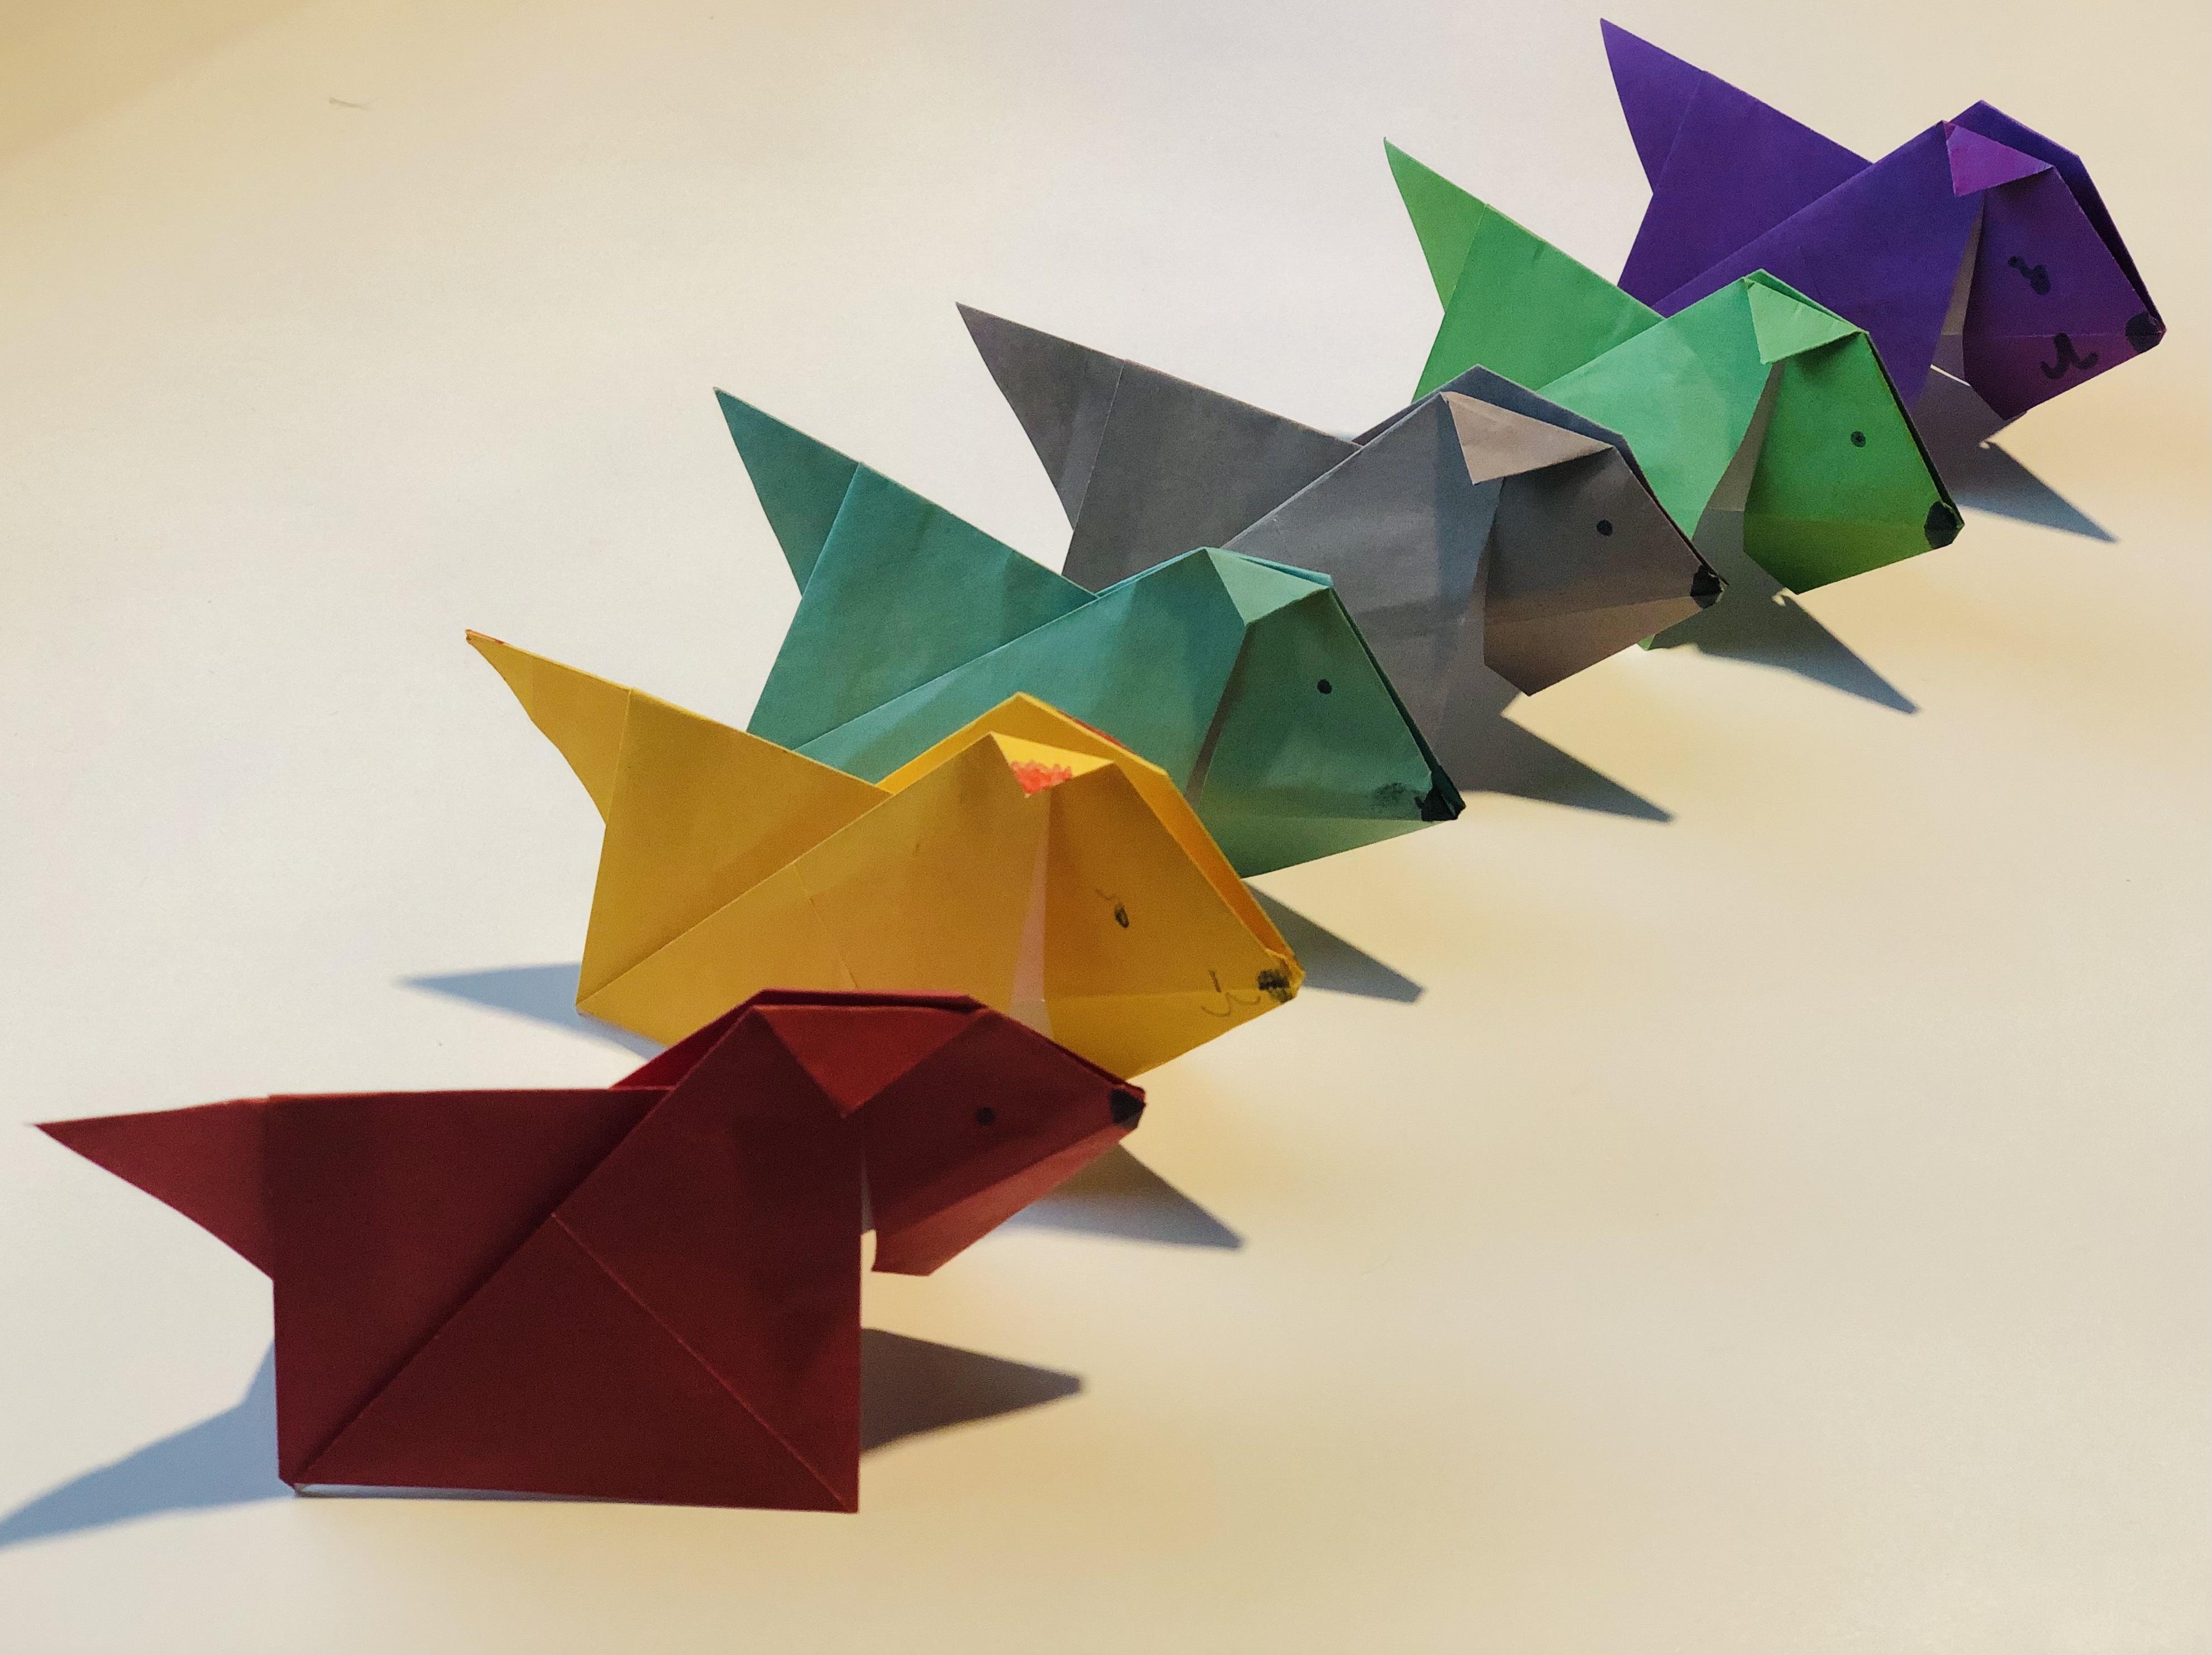 Y3 - Origami